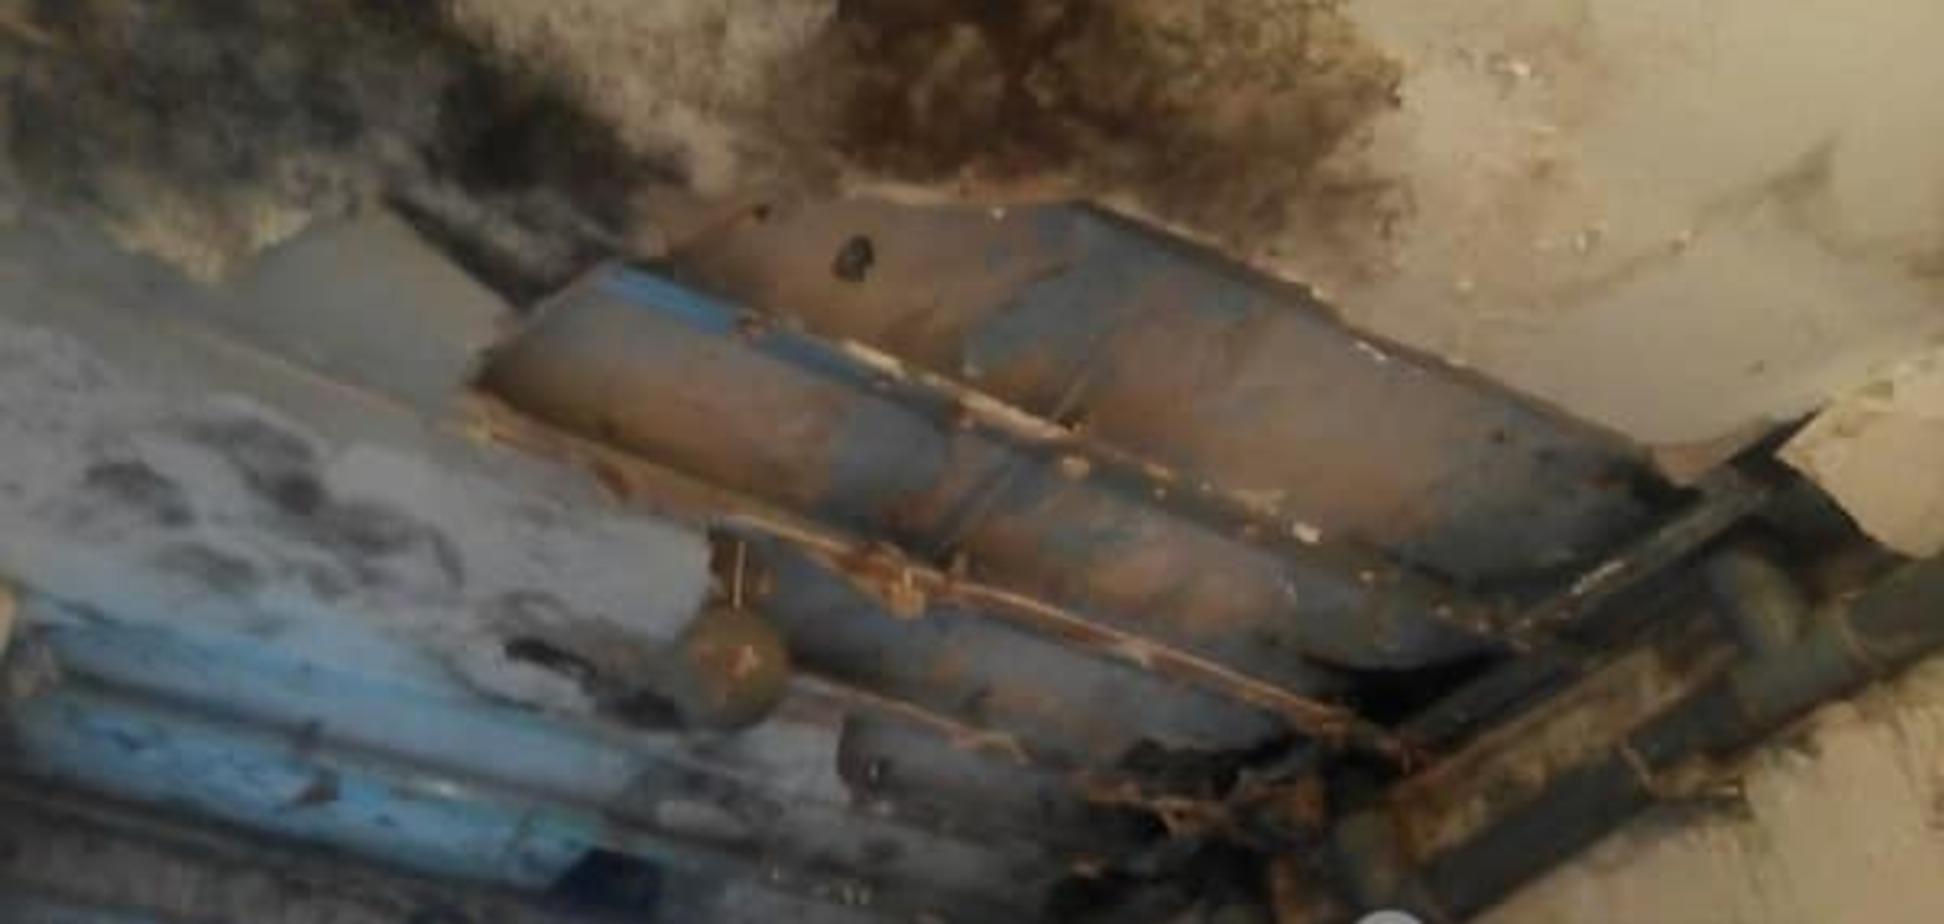 Цвіль і грибок: фоторепортаж із казарми українських десантників